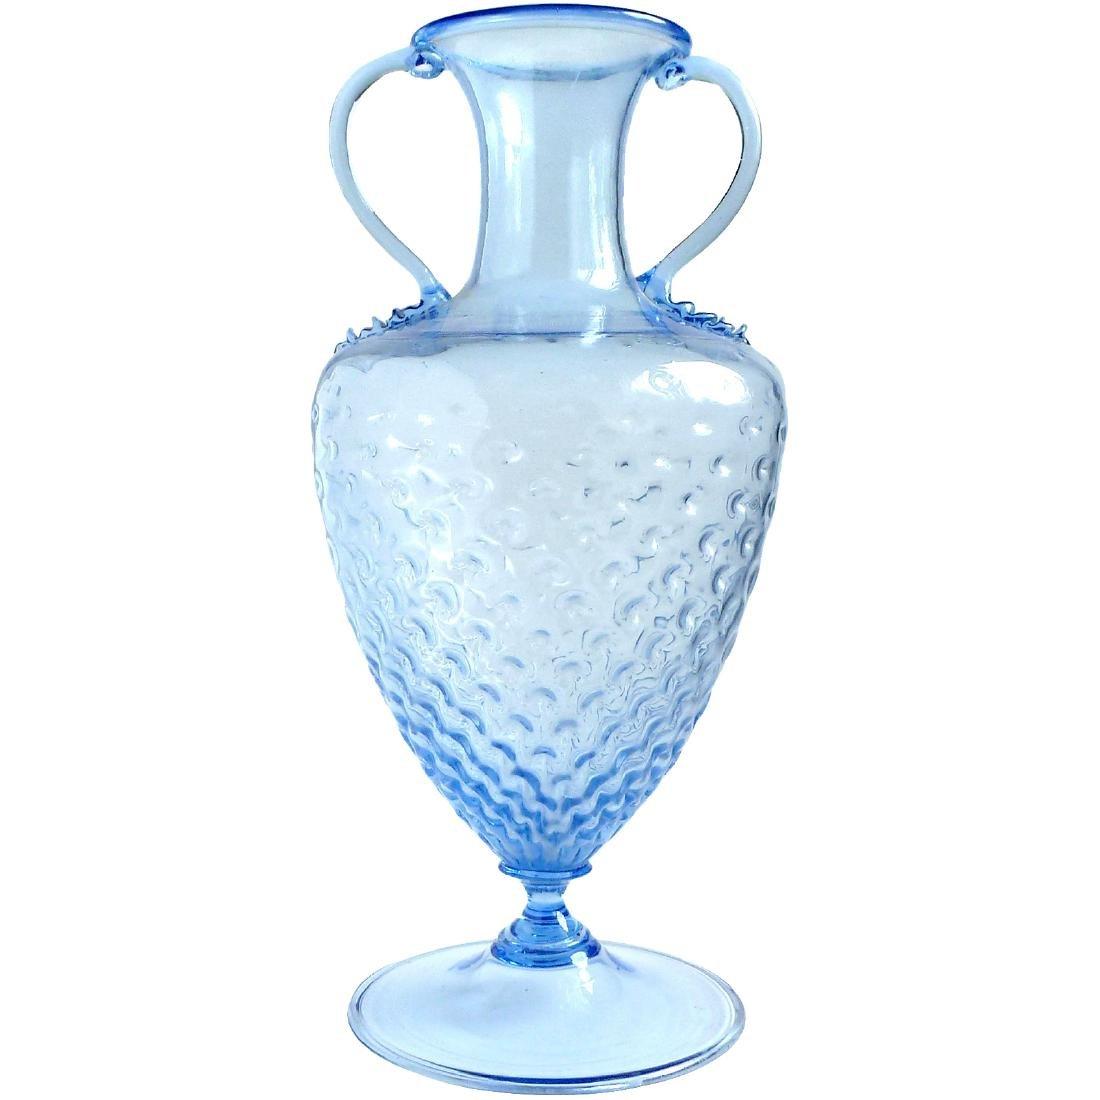 Vittorio Zecchin Capellin Venini Murano Blue Glass Vase